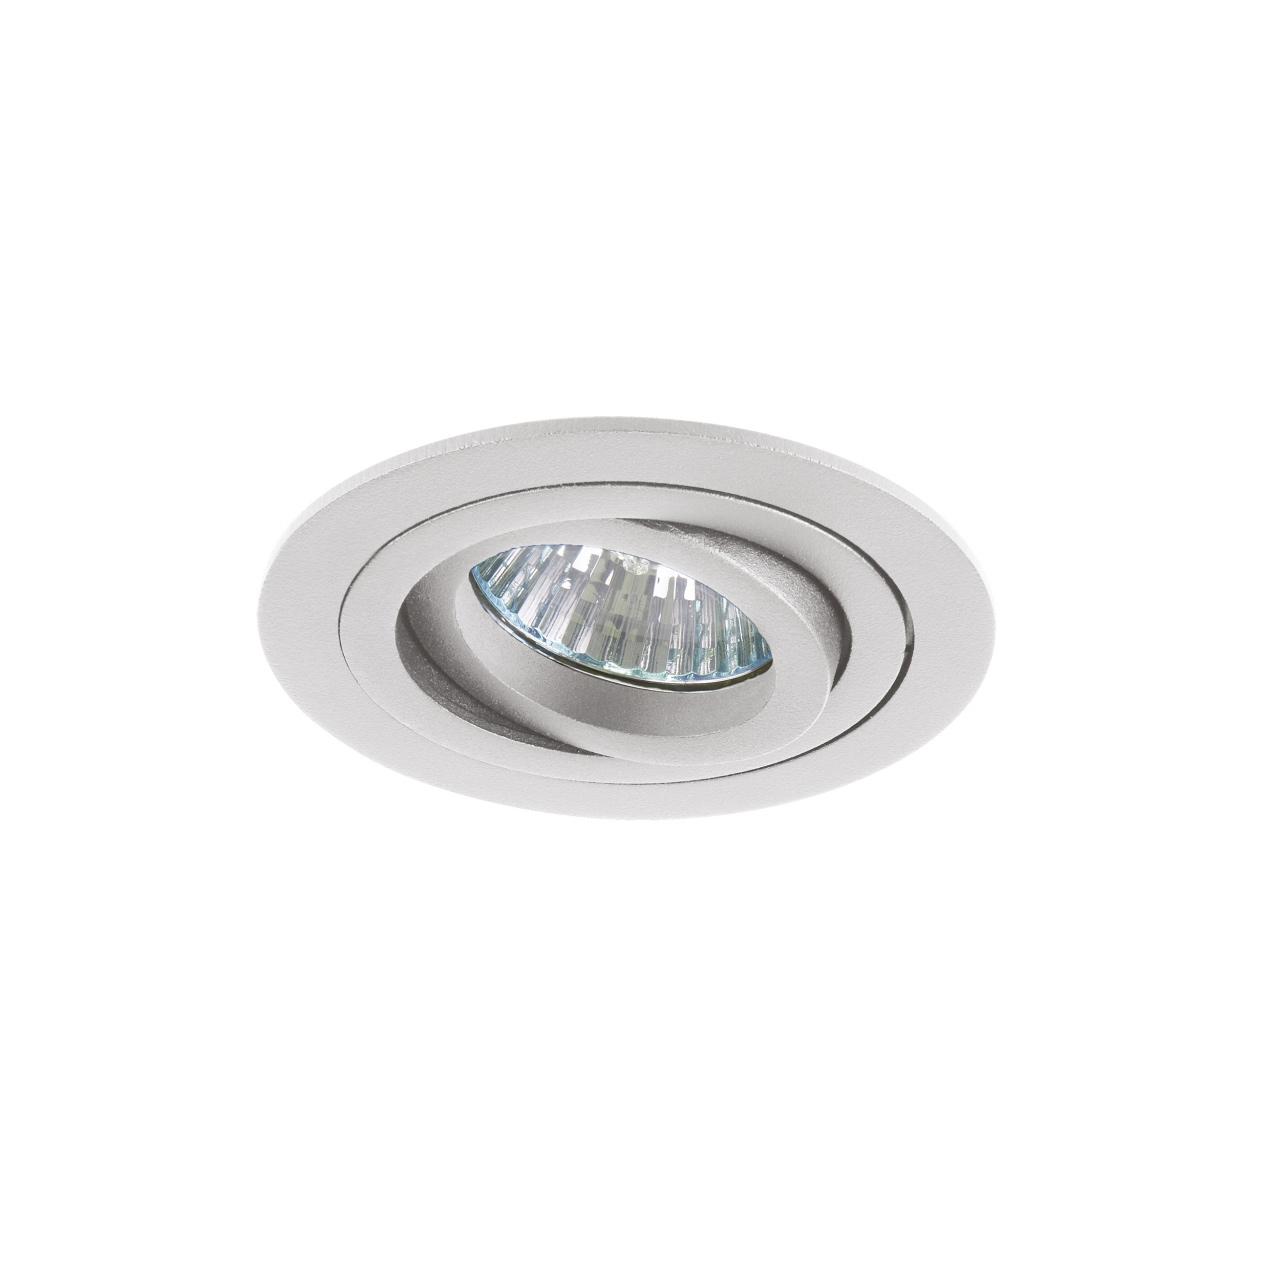 Светильник Intero 16 HP16 белый Lightstar 214216